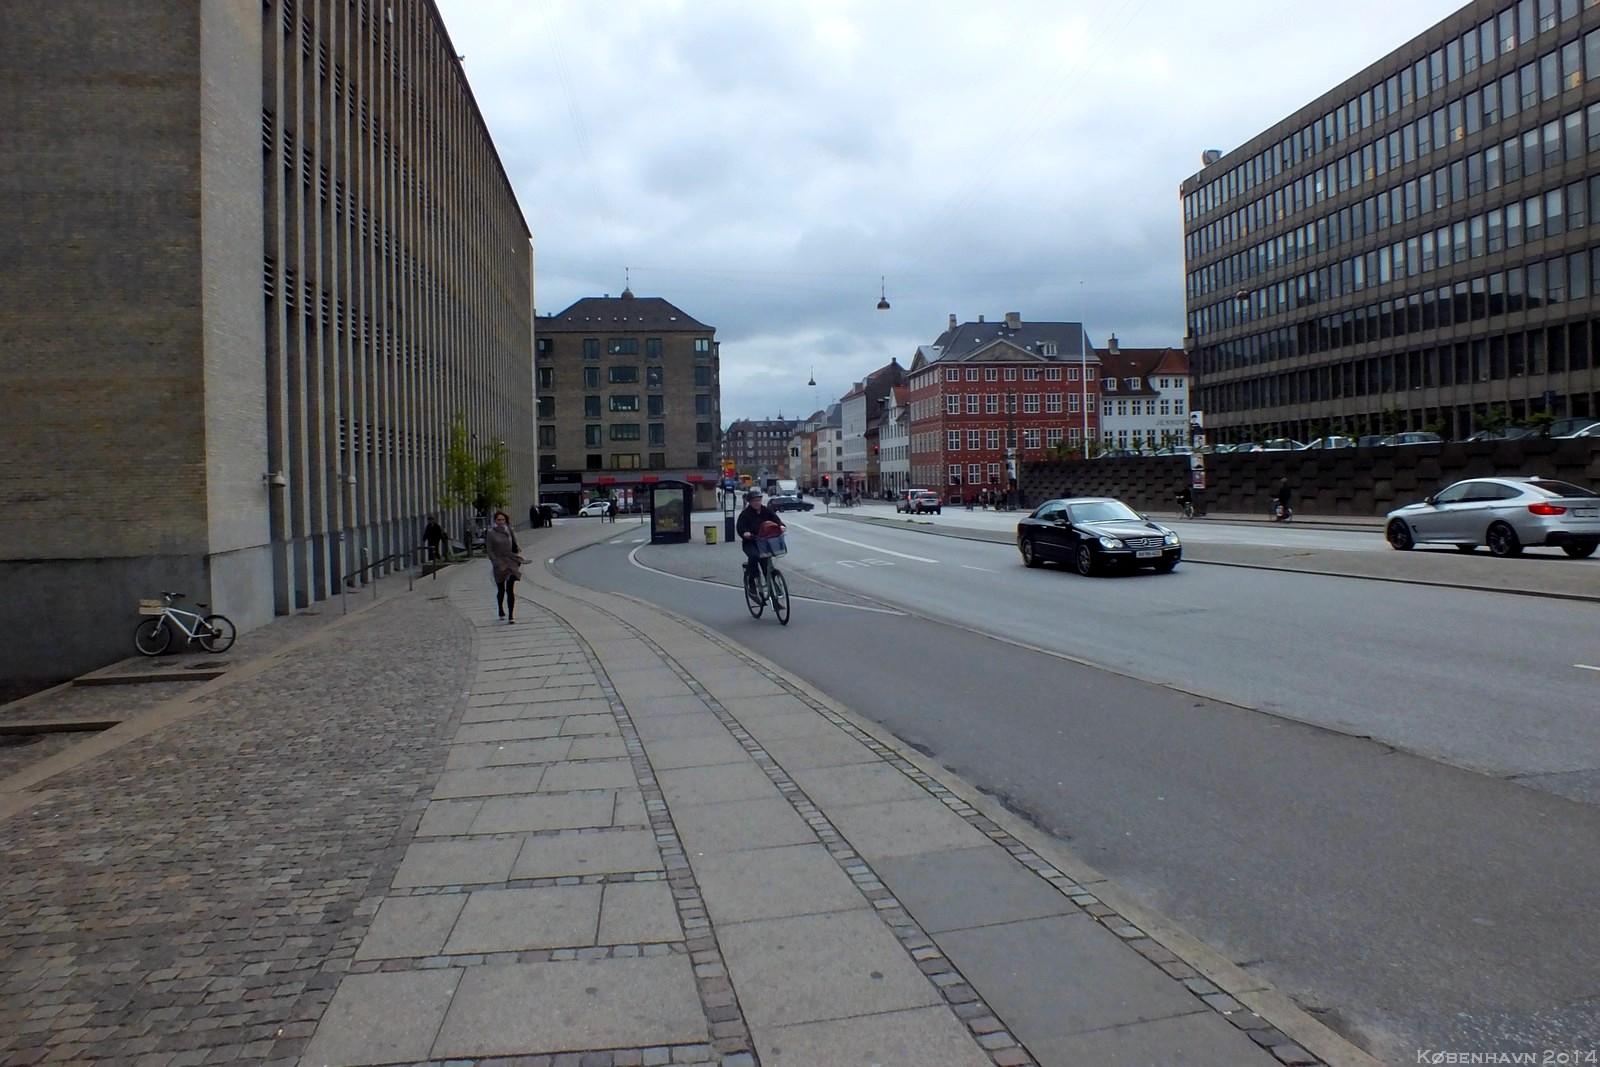 Torvegade, København, Denmark